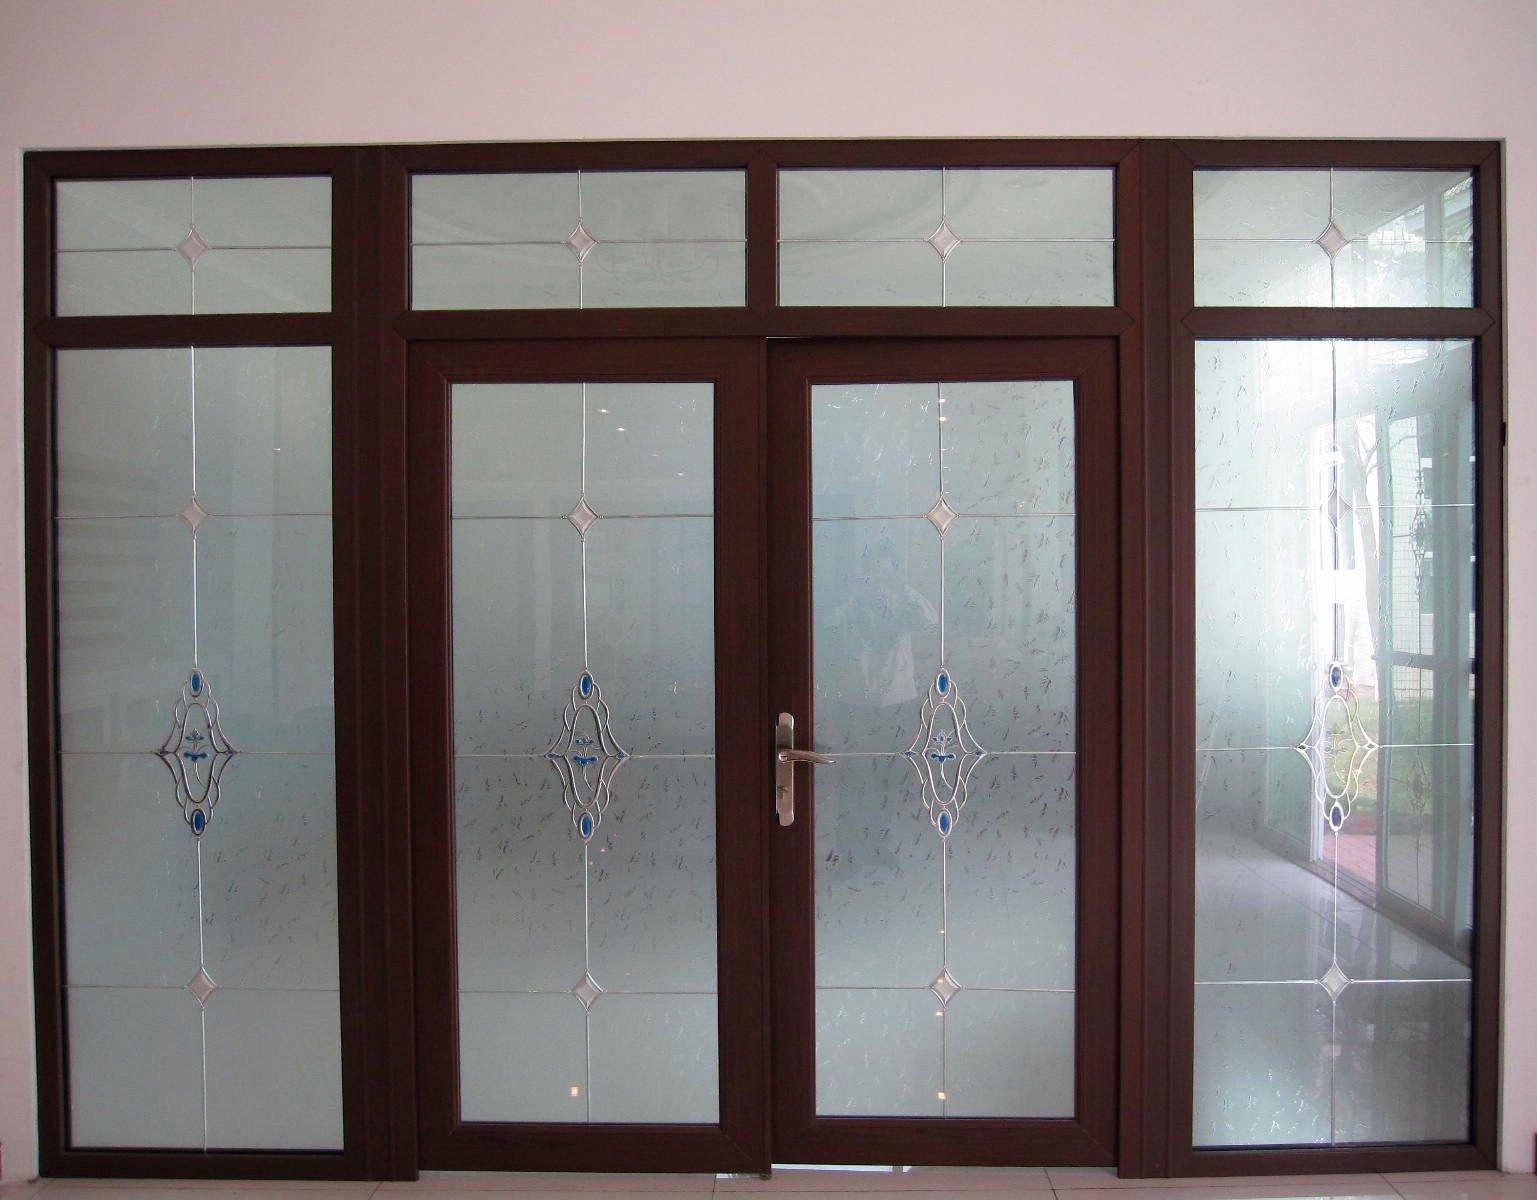 Alum nio porta de correr com grade qualidade superior for Modelos de puertas de aluminio y vidrio